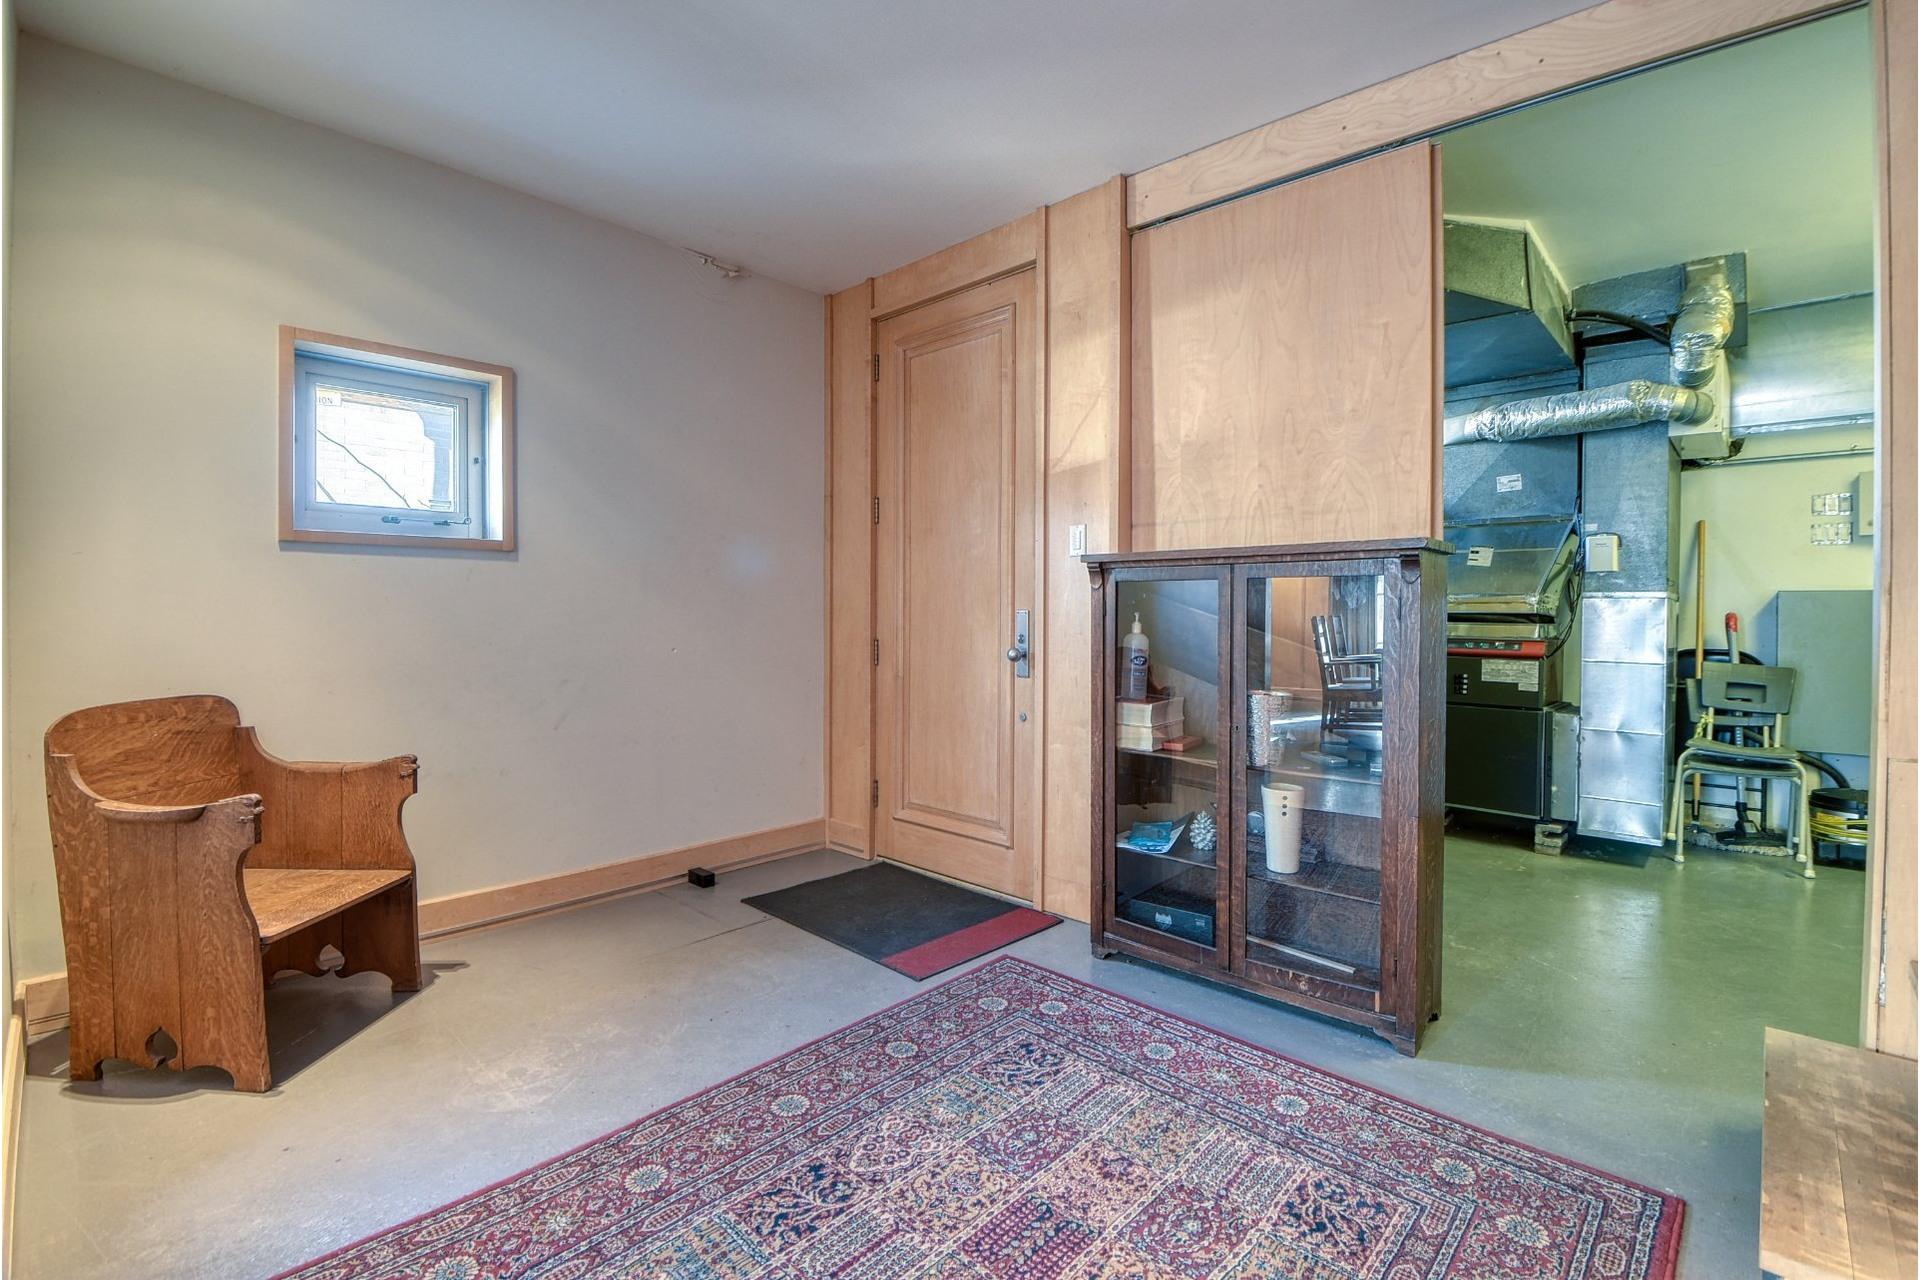 image 3 - Maison À vendre Le Sud-Ouest Montréal  - 10 pièces